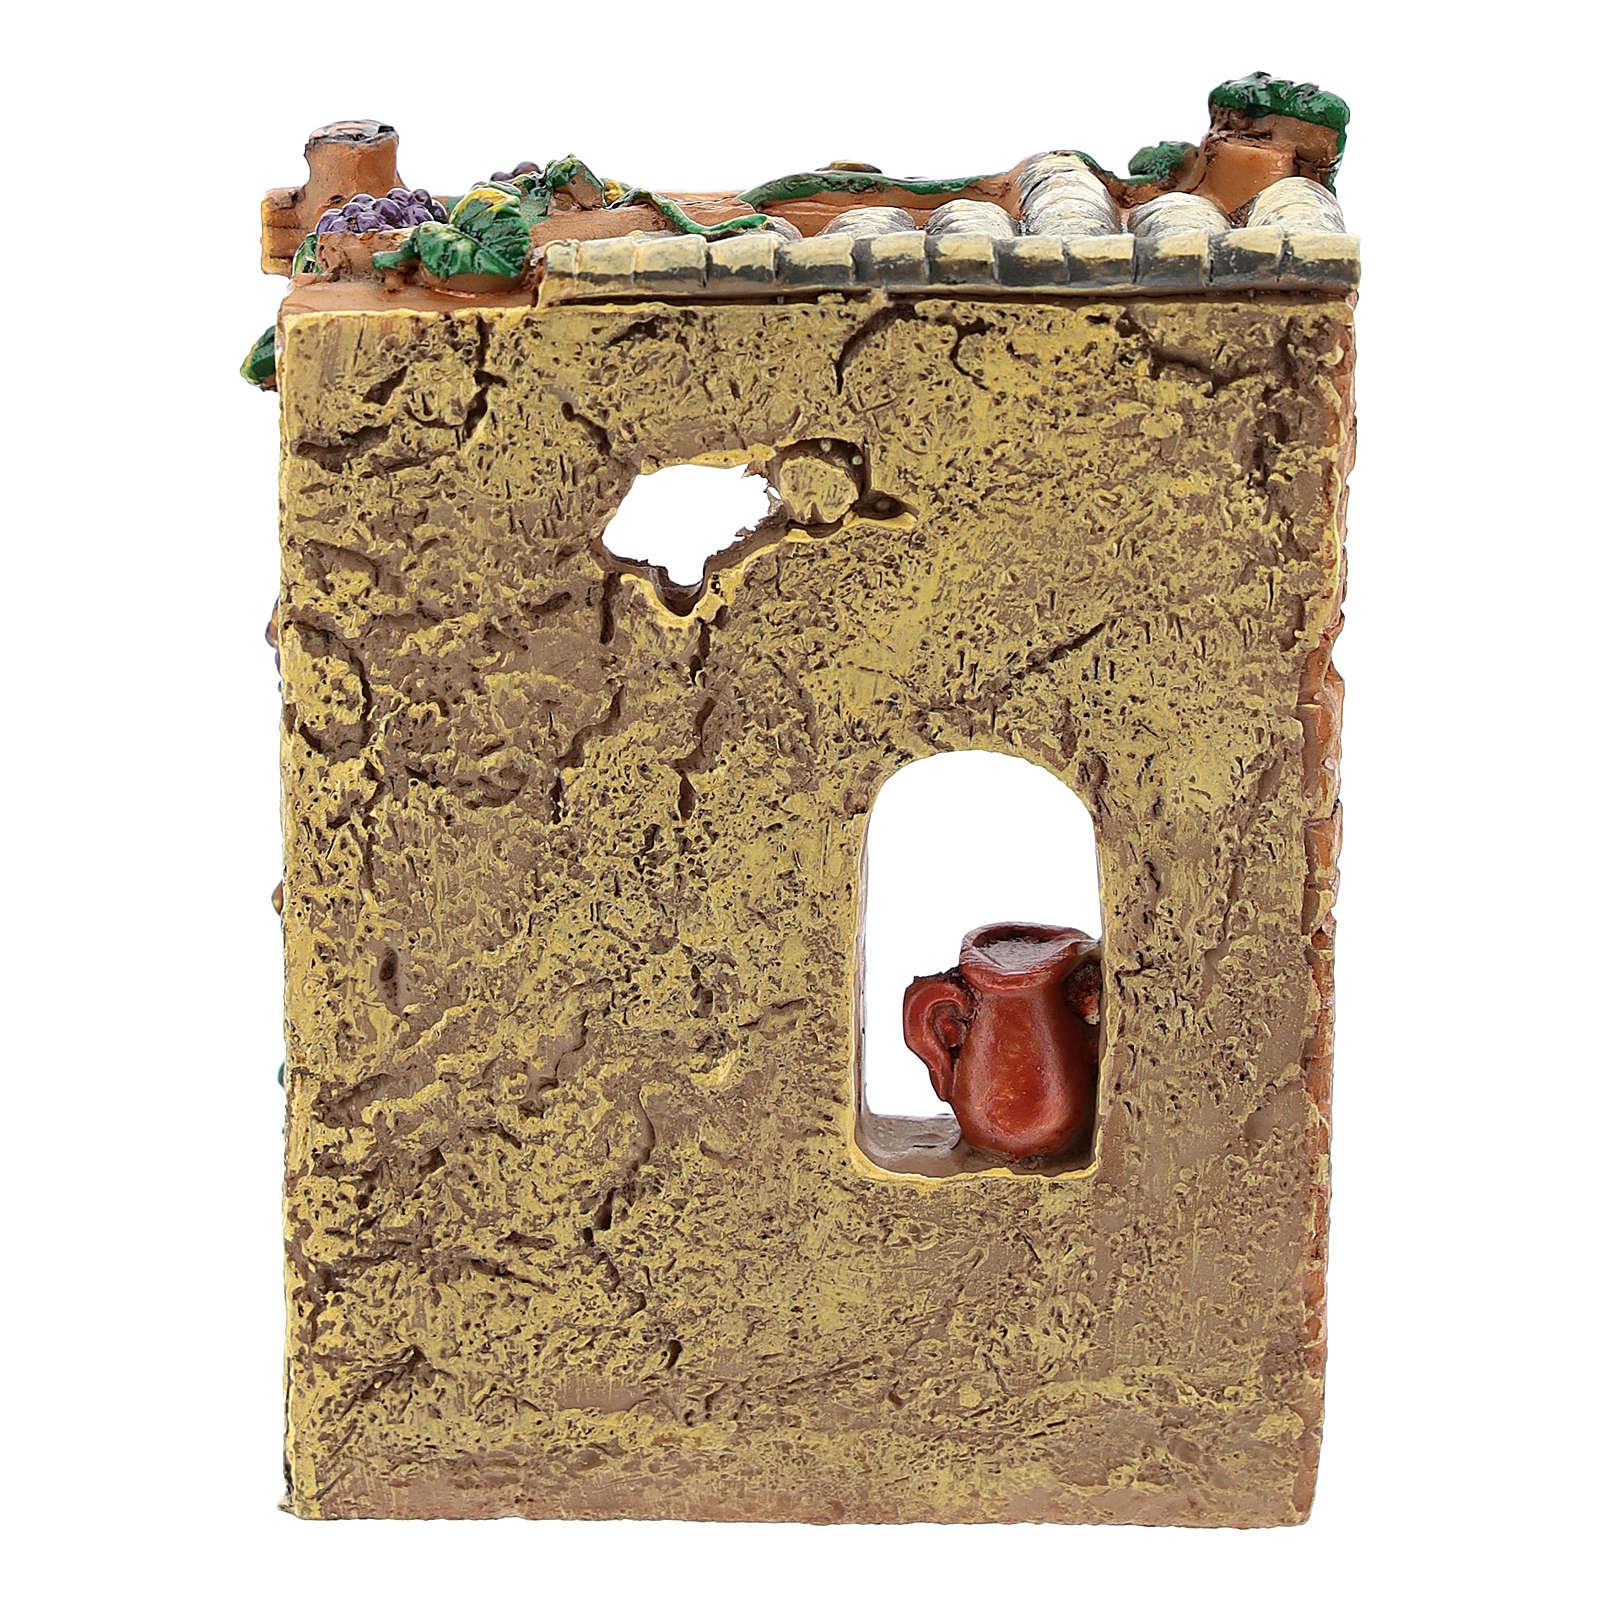 Bottega osteria in resina 10x7x4 cm per presepe 6-8 cm 4